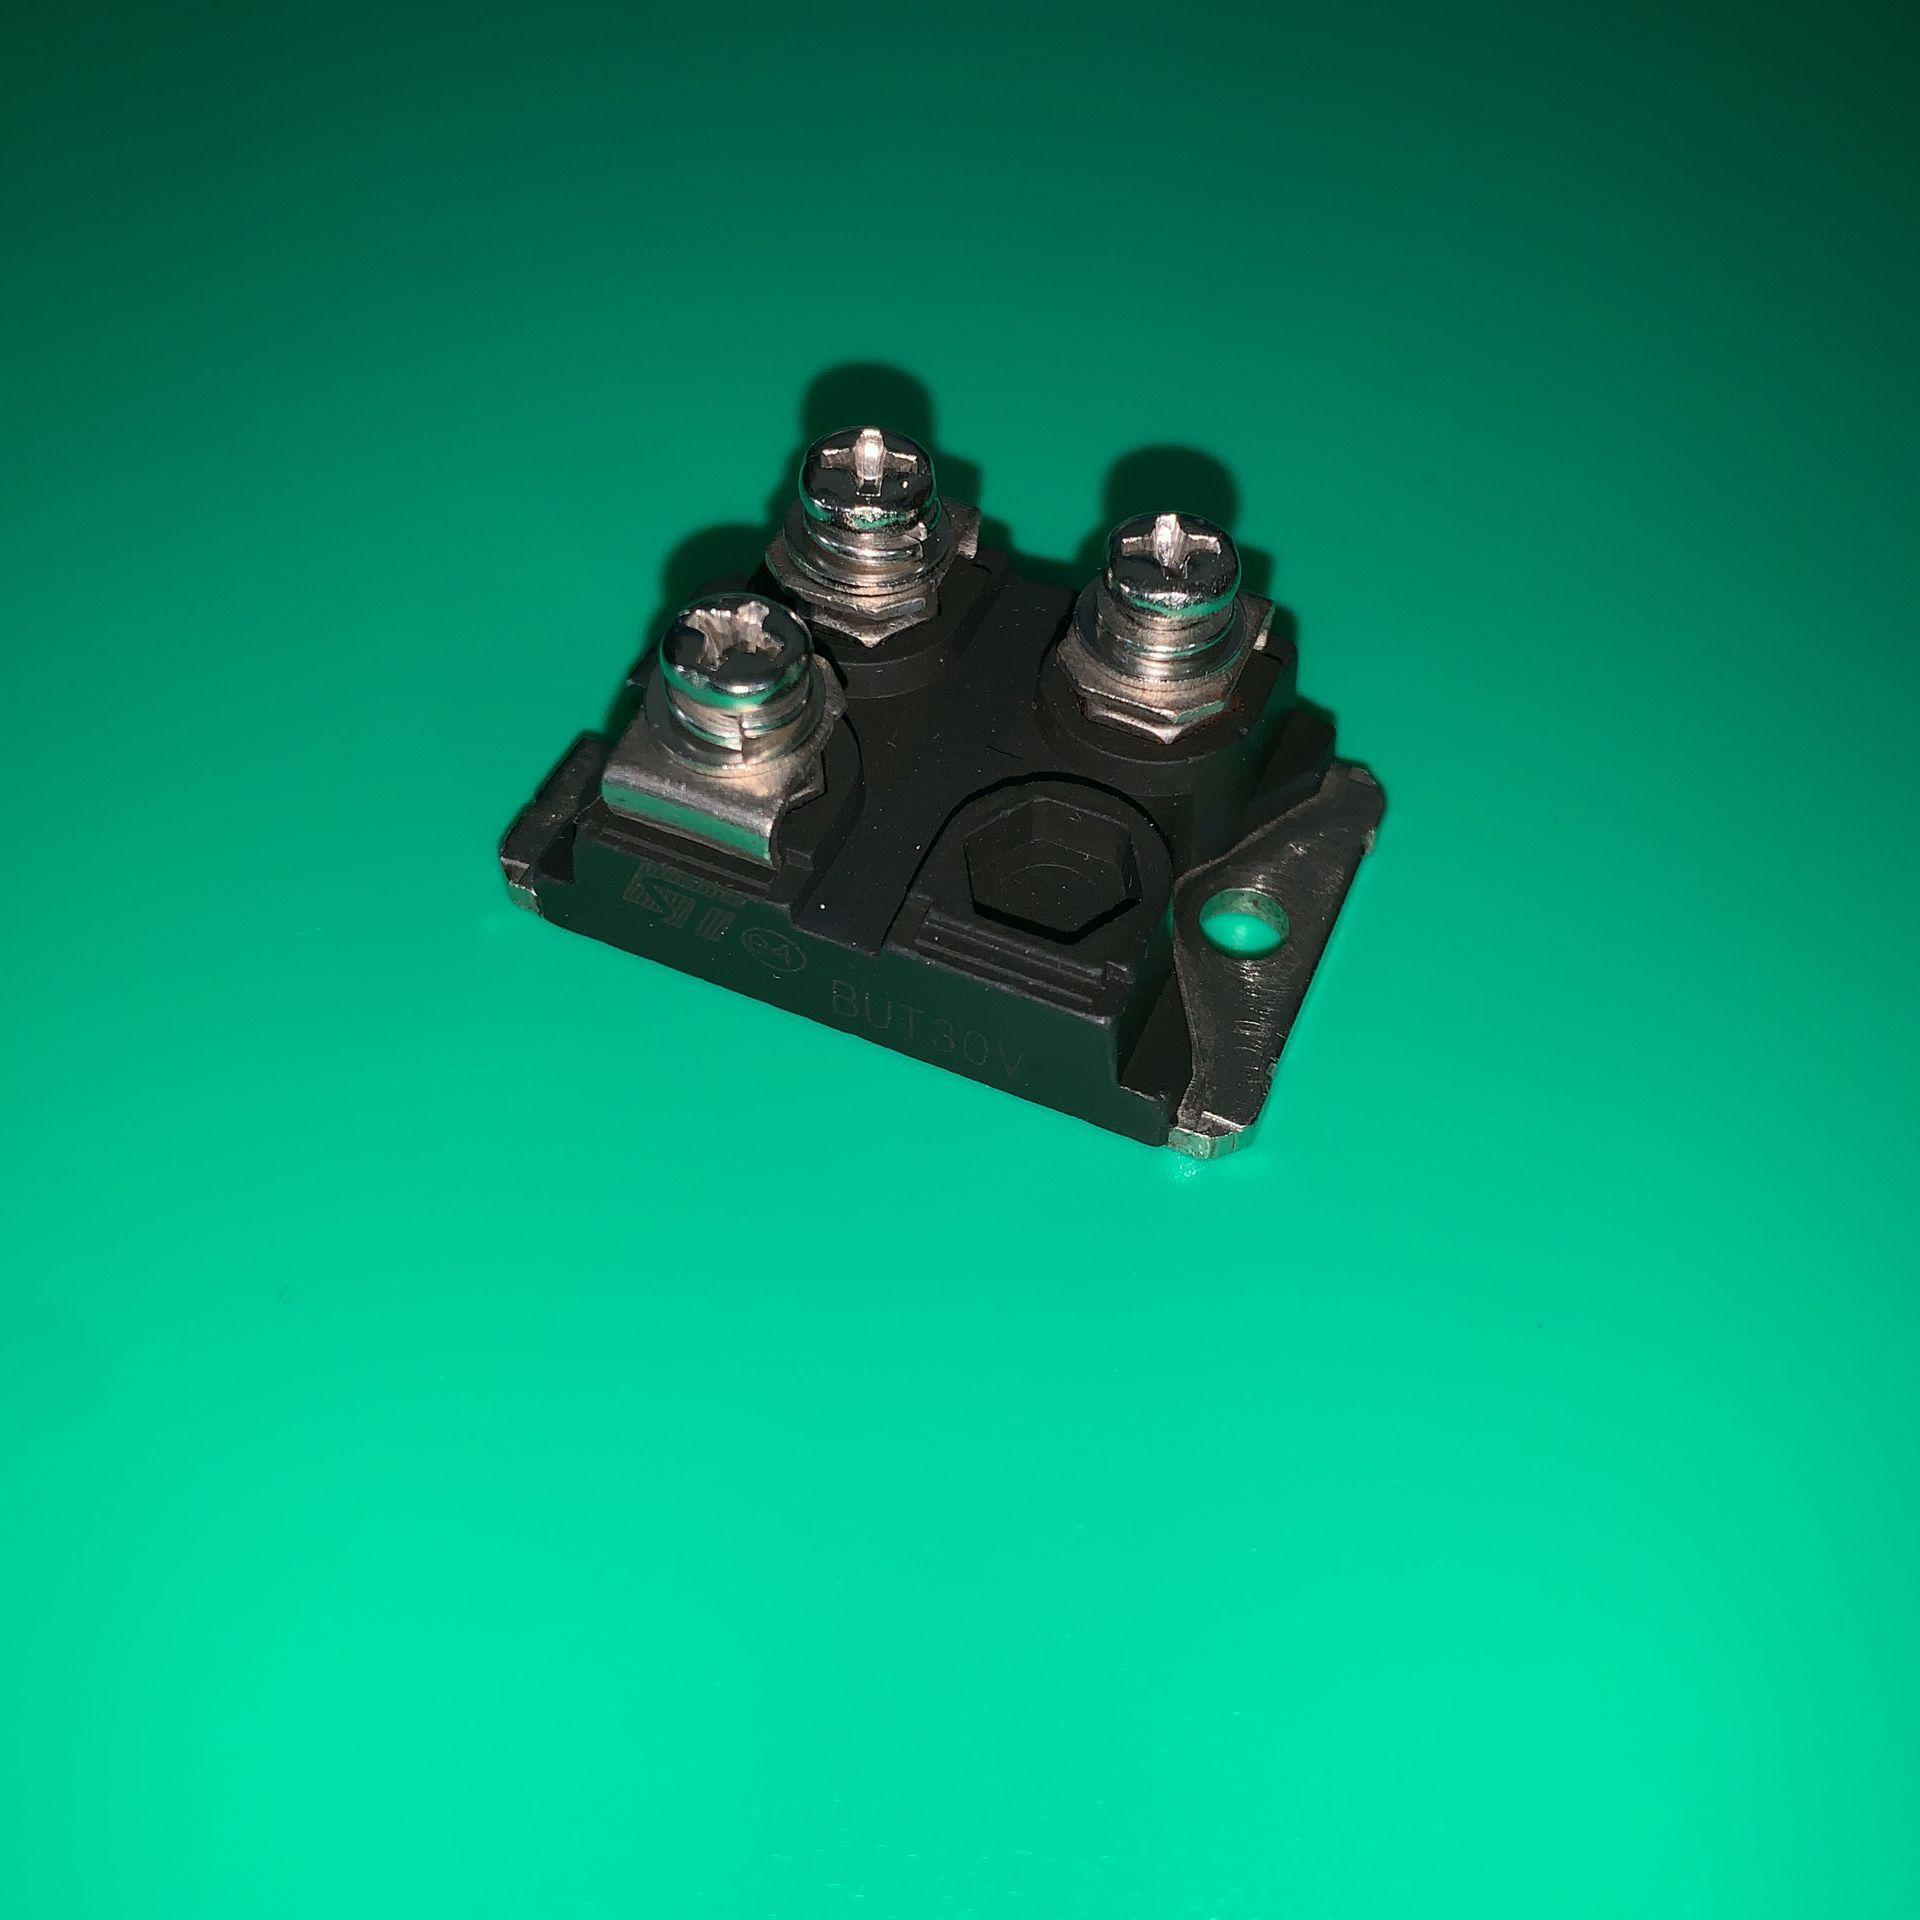 BUT30V IGBT BUT30 V TRANS NPN 125V 100A ISOTOP NPN الترانزستور الطاقة وحدة ولكن 30 V 30